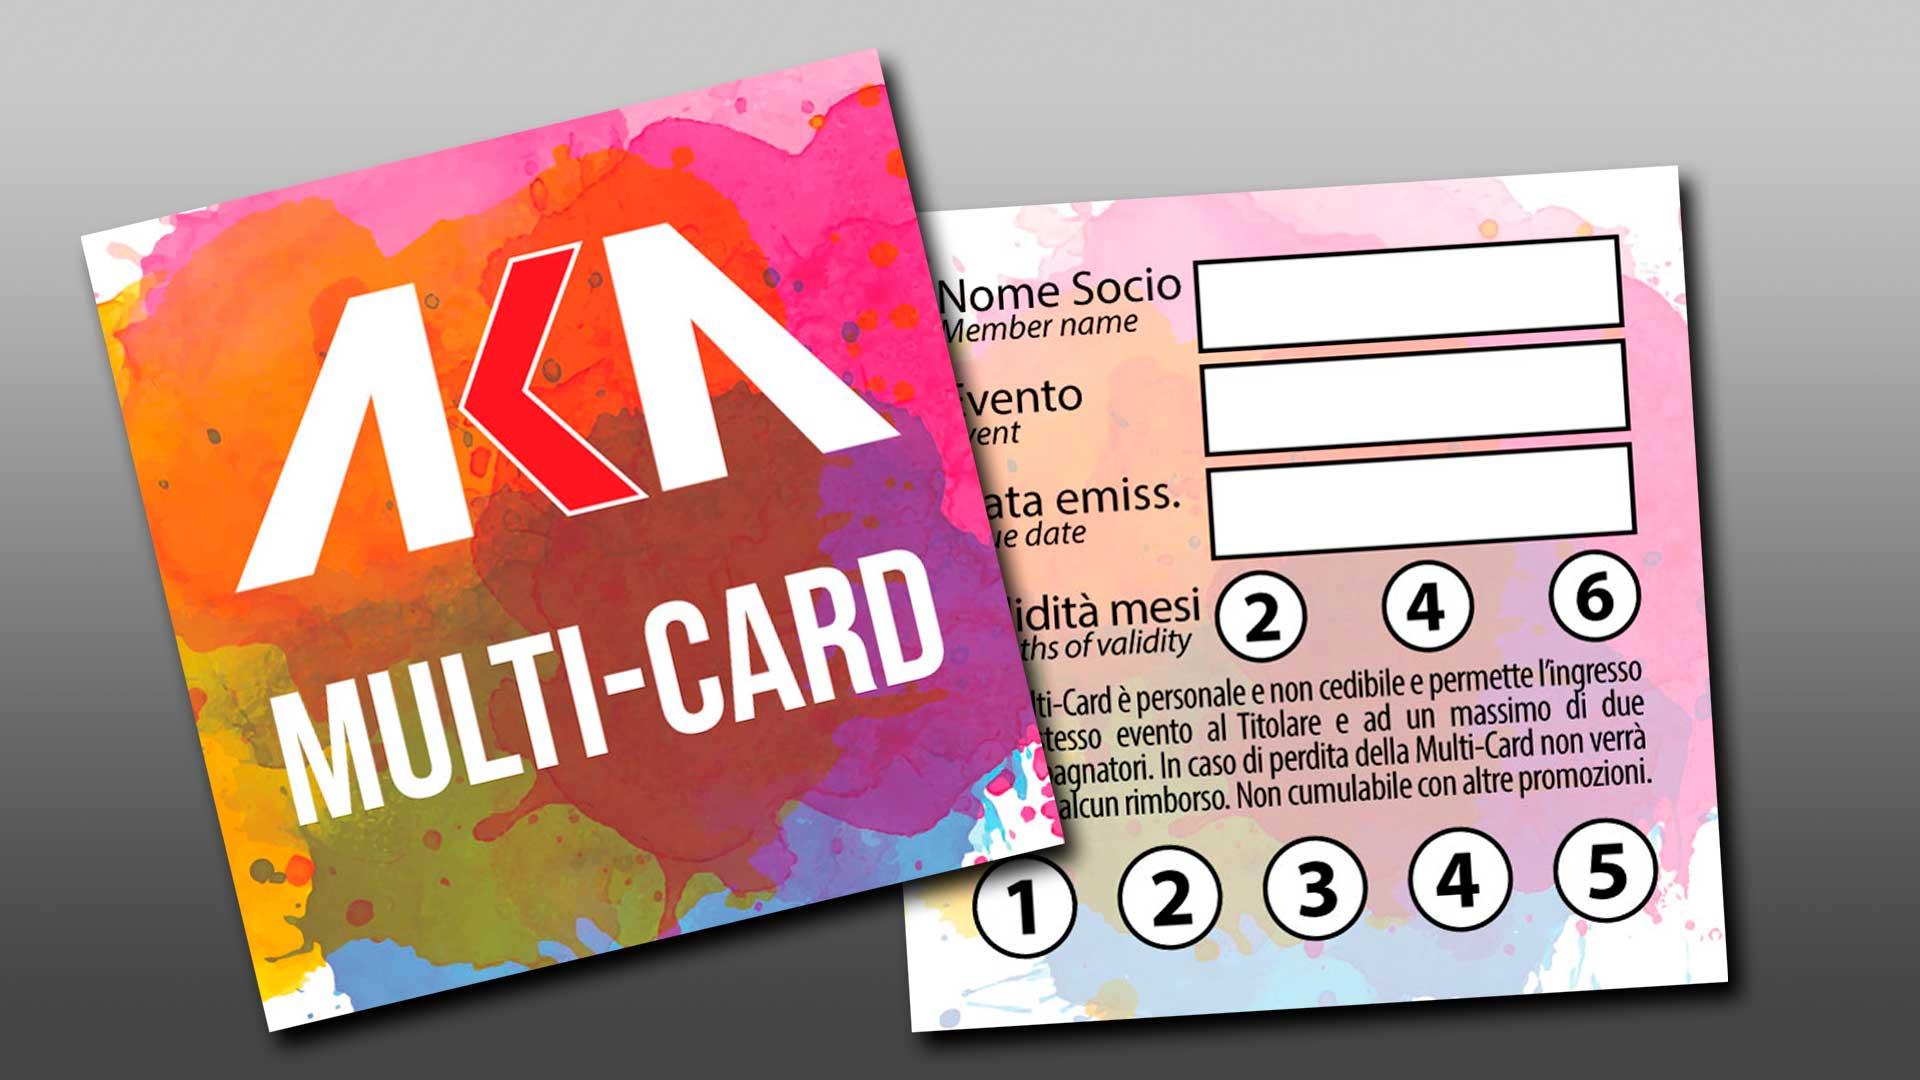 AKA Multi-Card